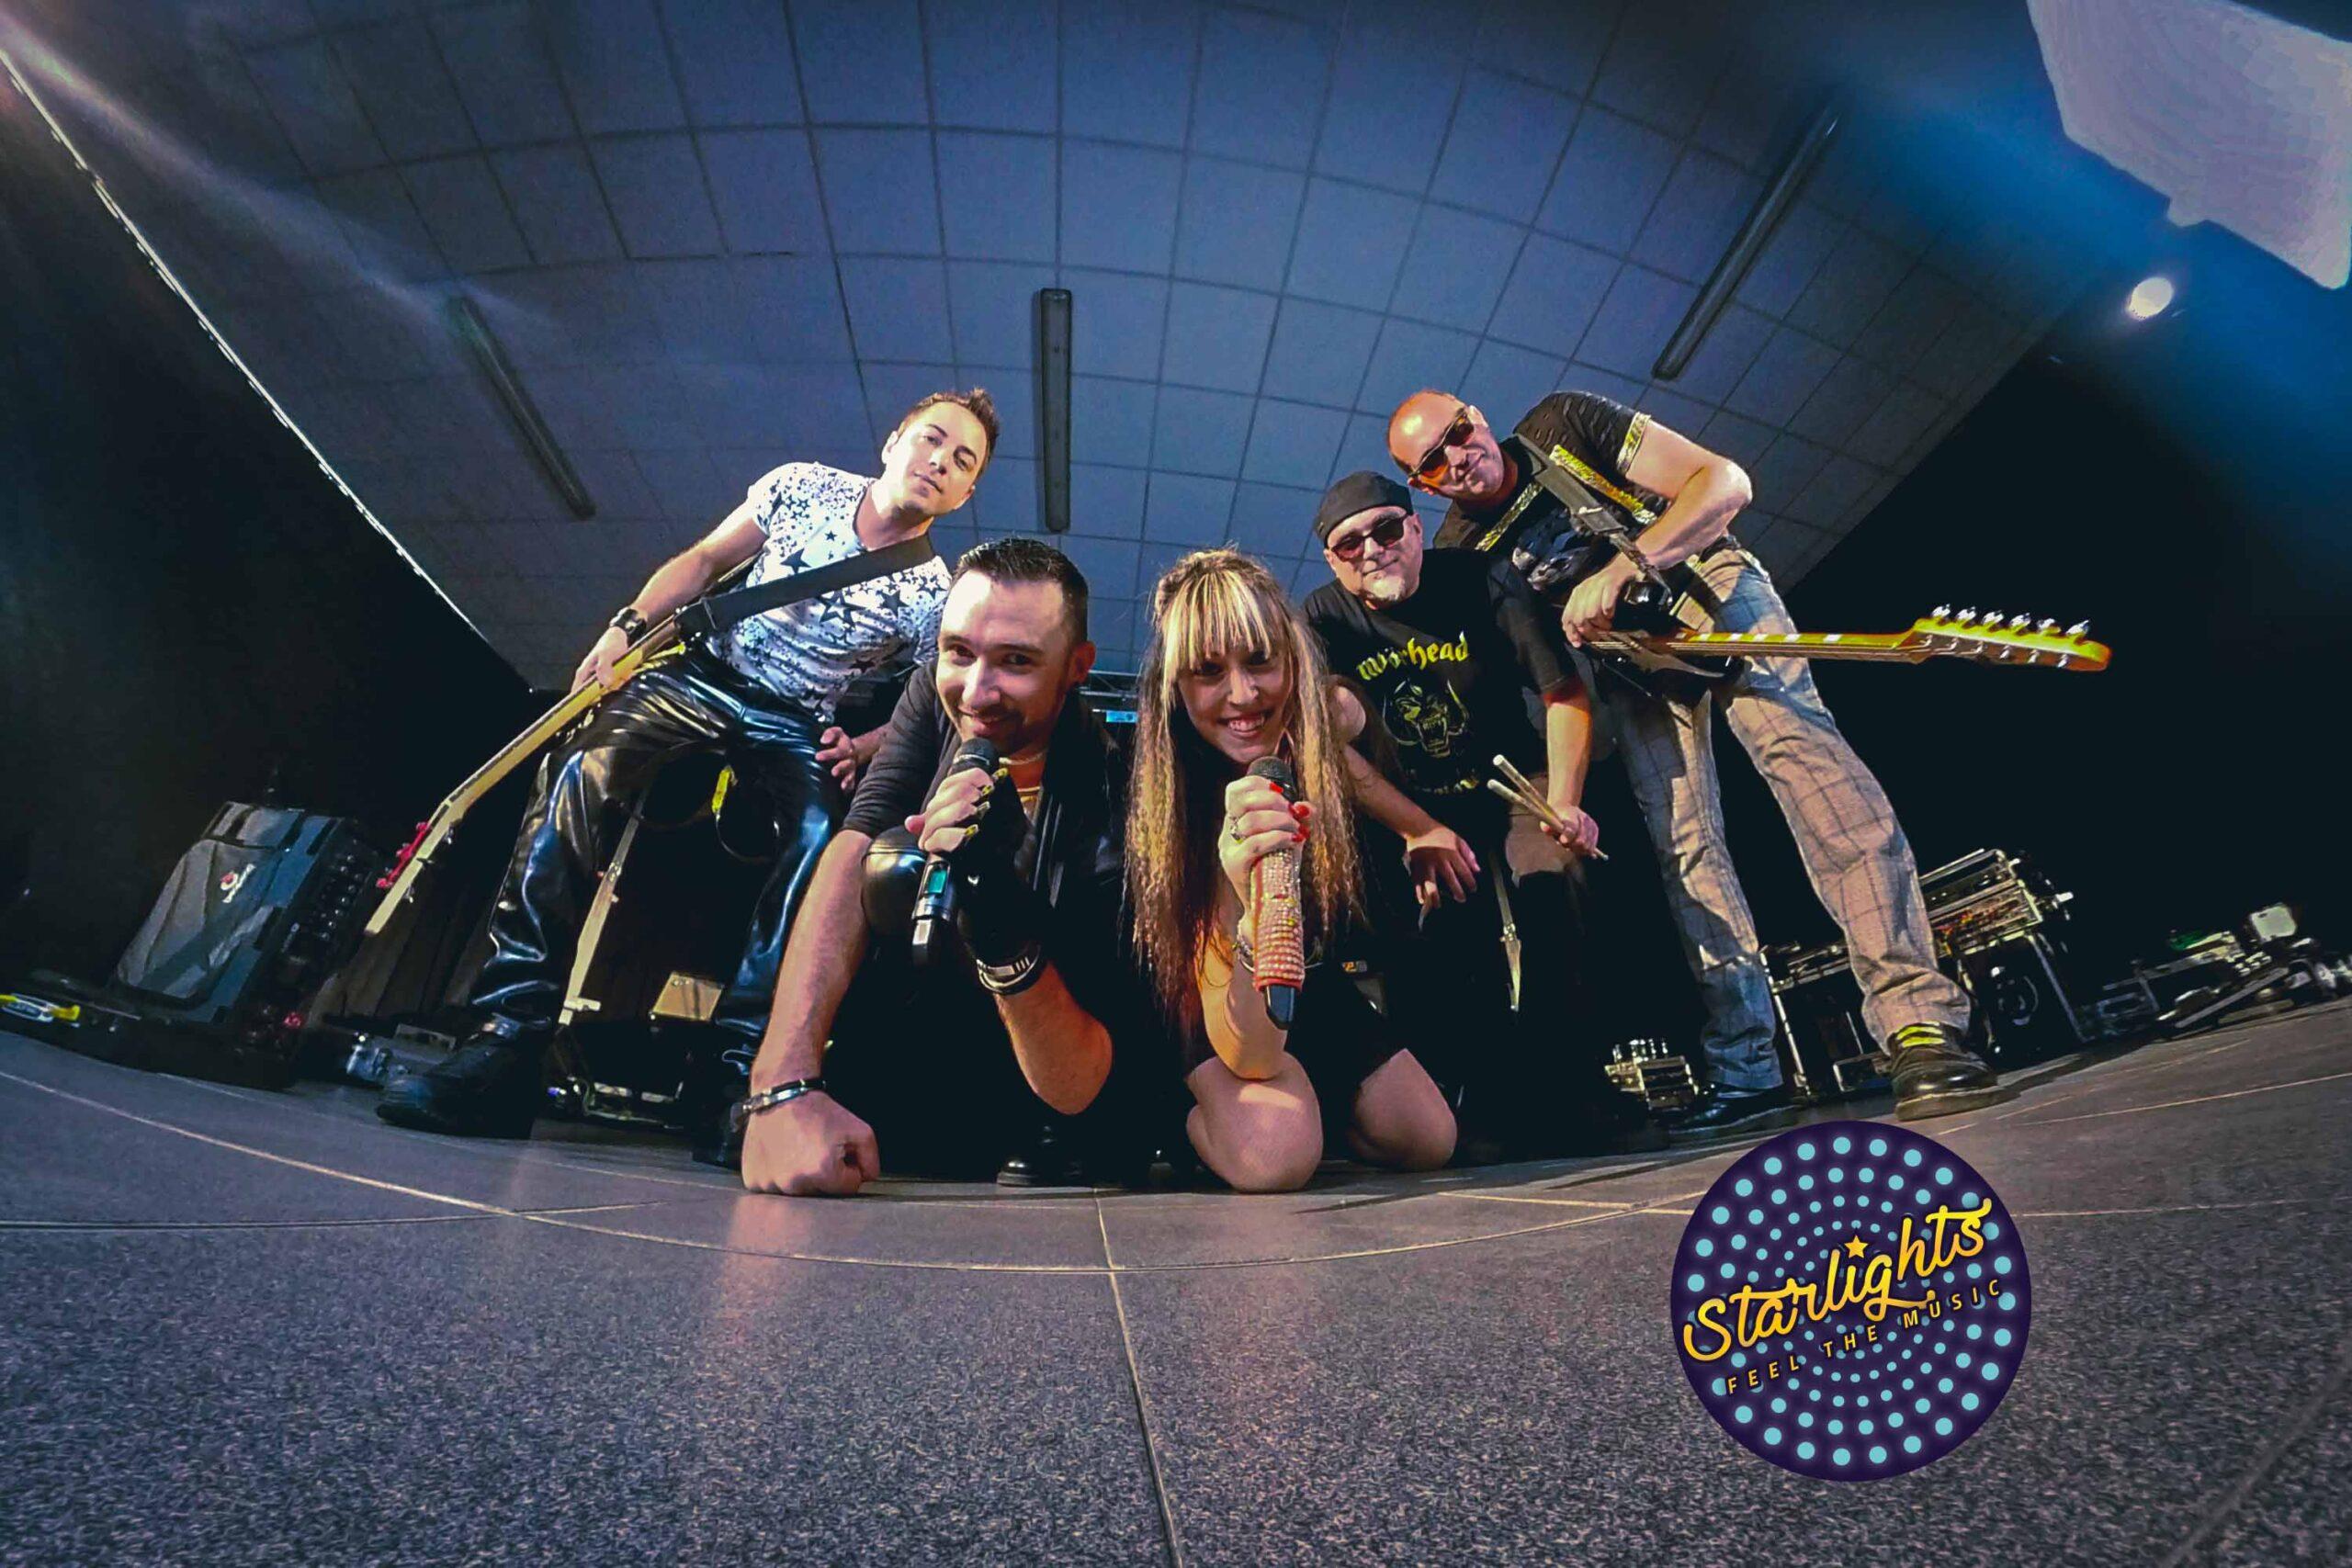 starlights-band